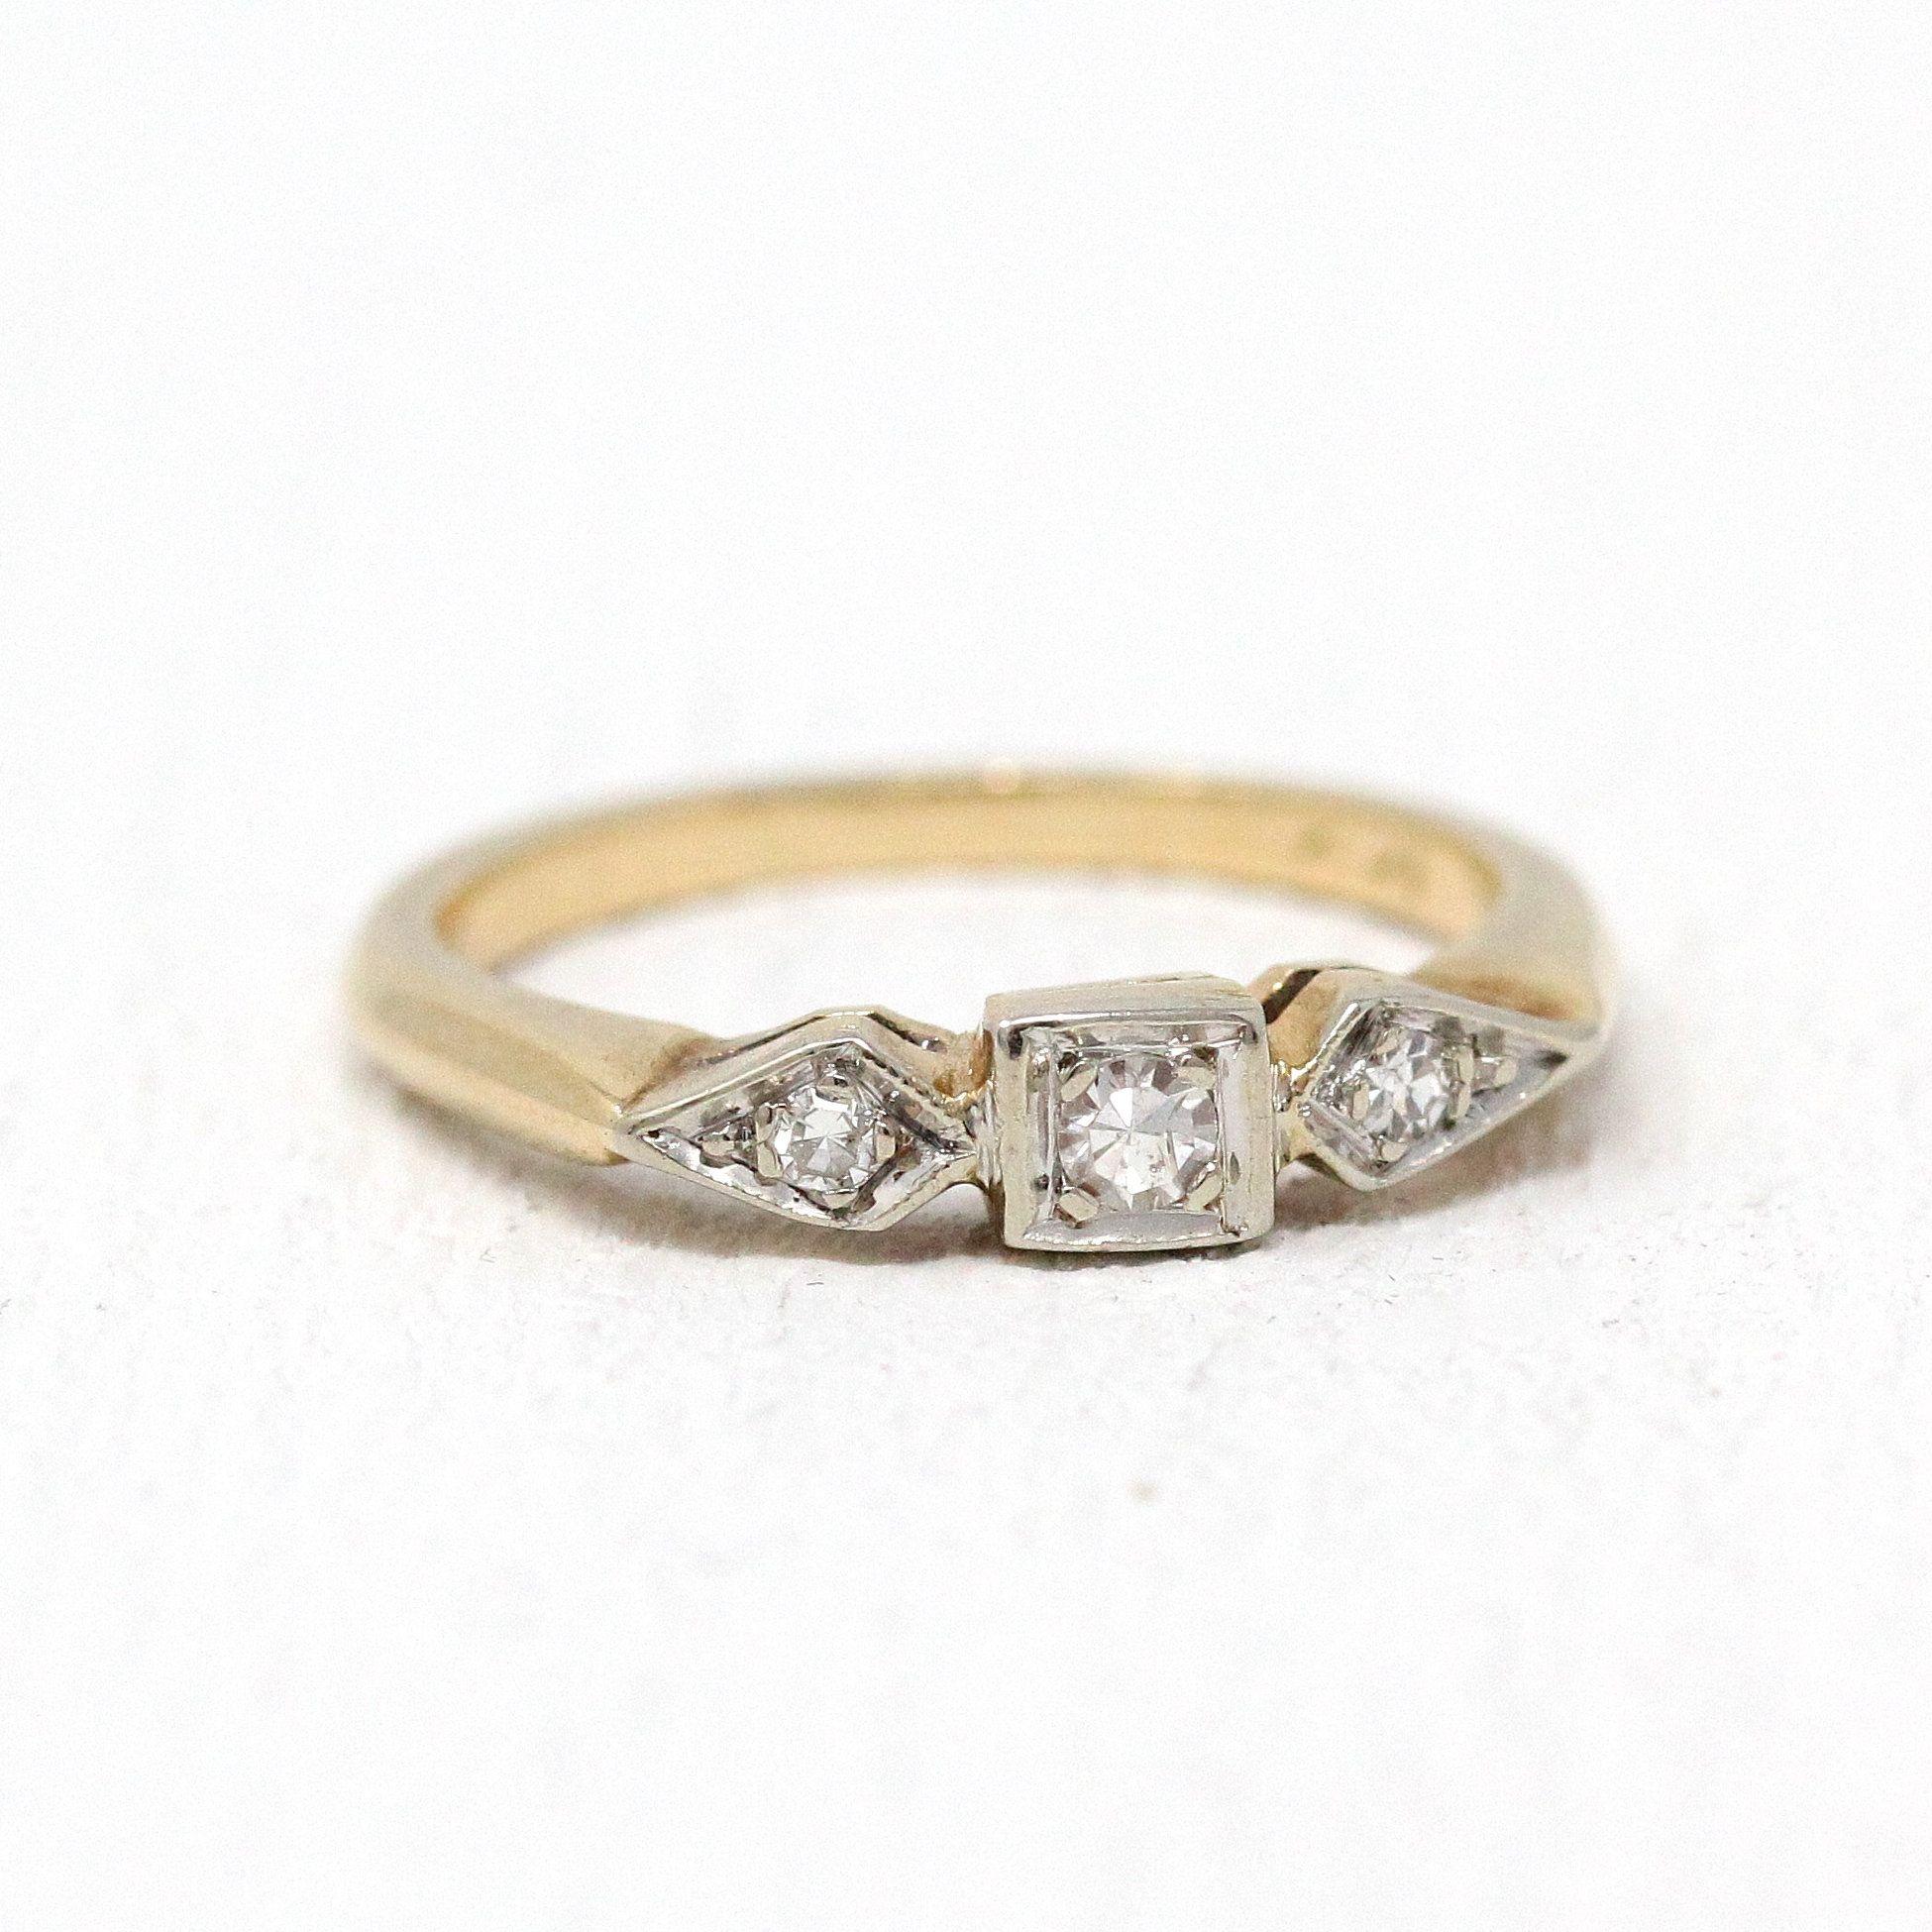 Image 0 Vintage Wedding Band Diamond Wedding Bands Stacked Jewelry